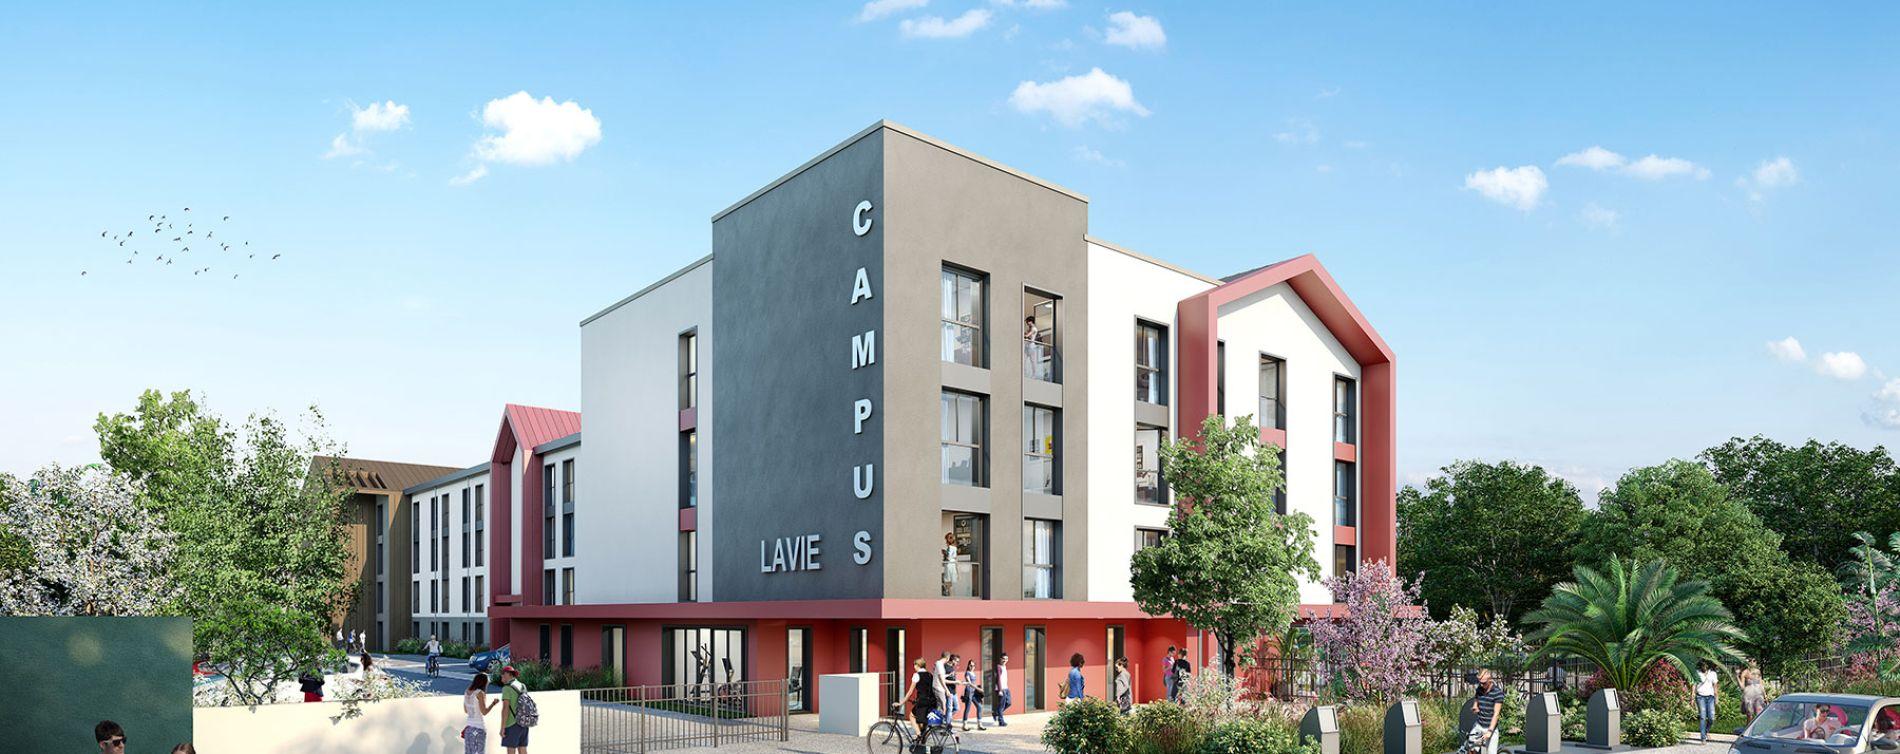 Résidence Campus Lavie à Pau